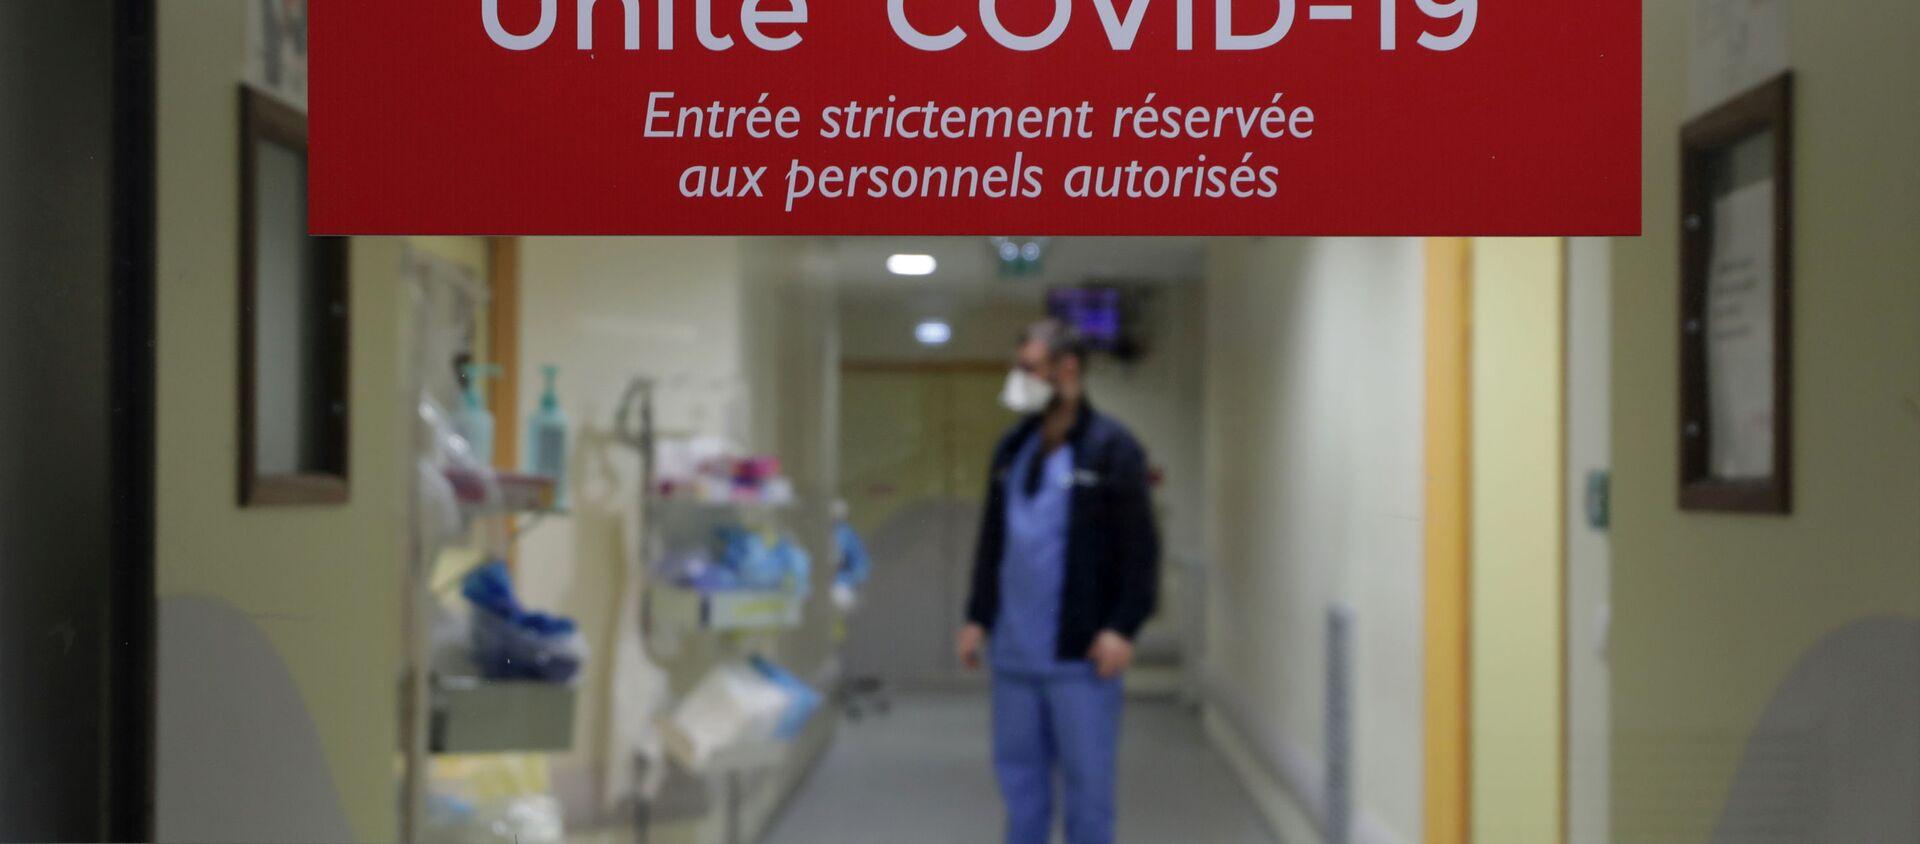 Nhân viên y tế trong Đơn vị chăm sóc đặc biệt cho bệnh nhân COVID-19 ở Pháp - Sputnik Việt Nam, 1920, 18.02.2021